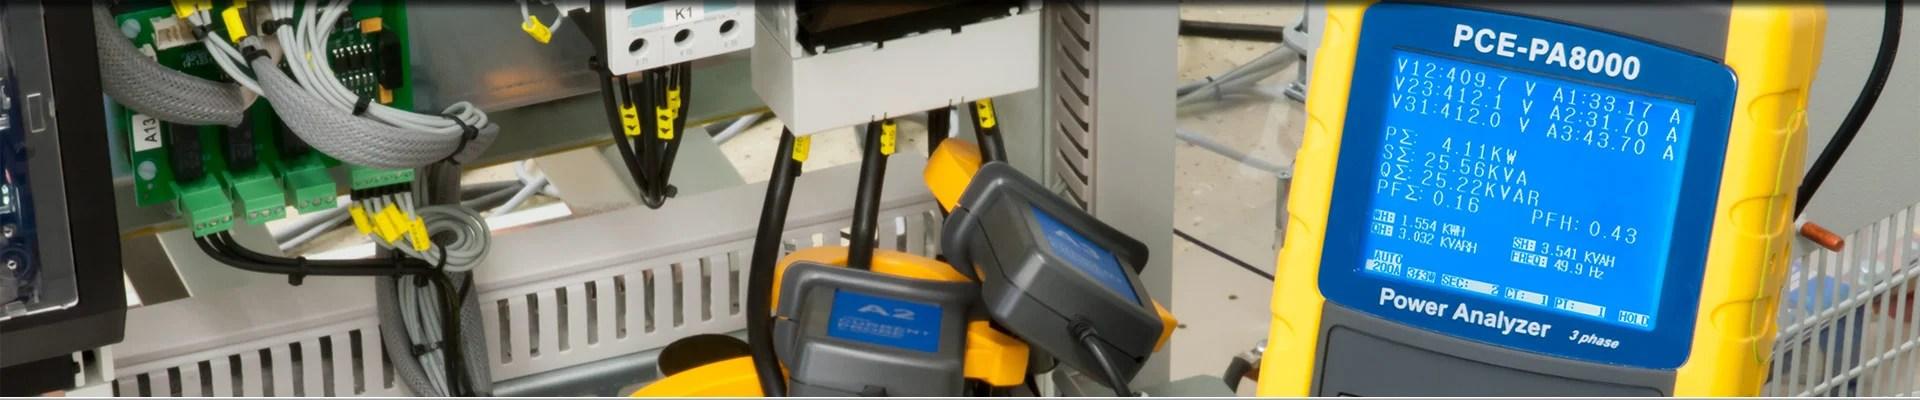 Power Quality Analyser / Power Analyzer PCE Instruments